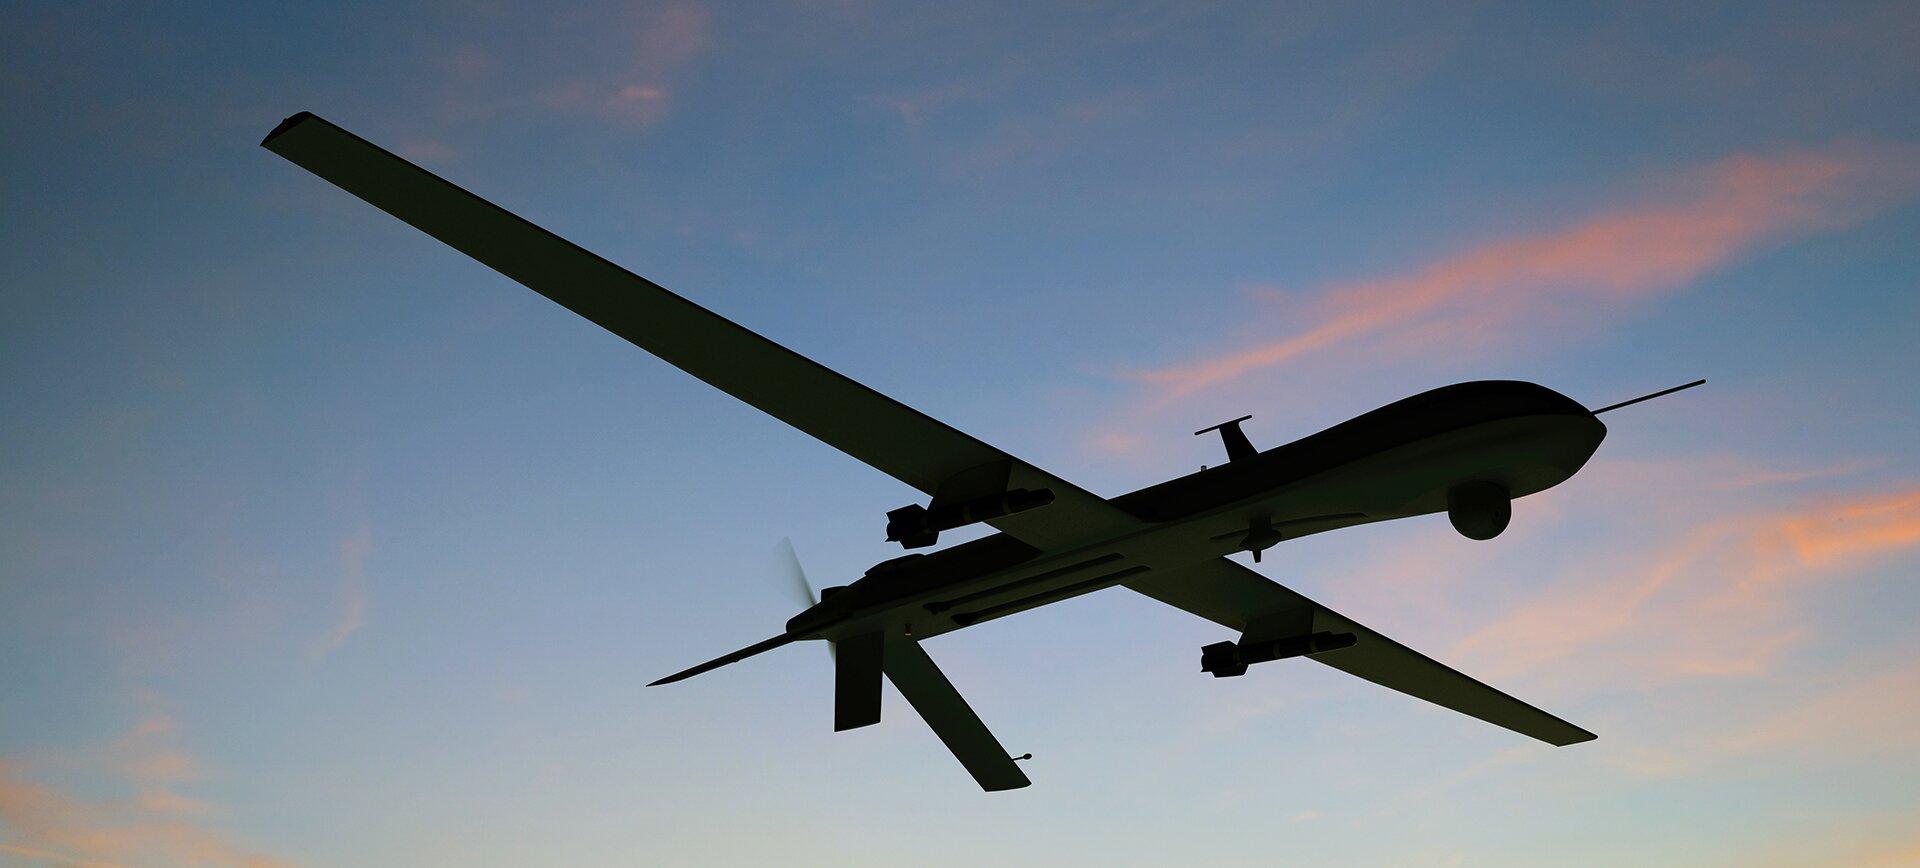 Kollmorgen Aerospace & Defense